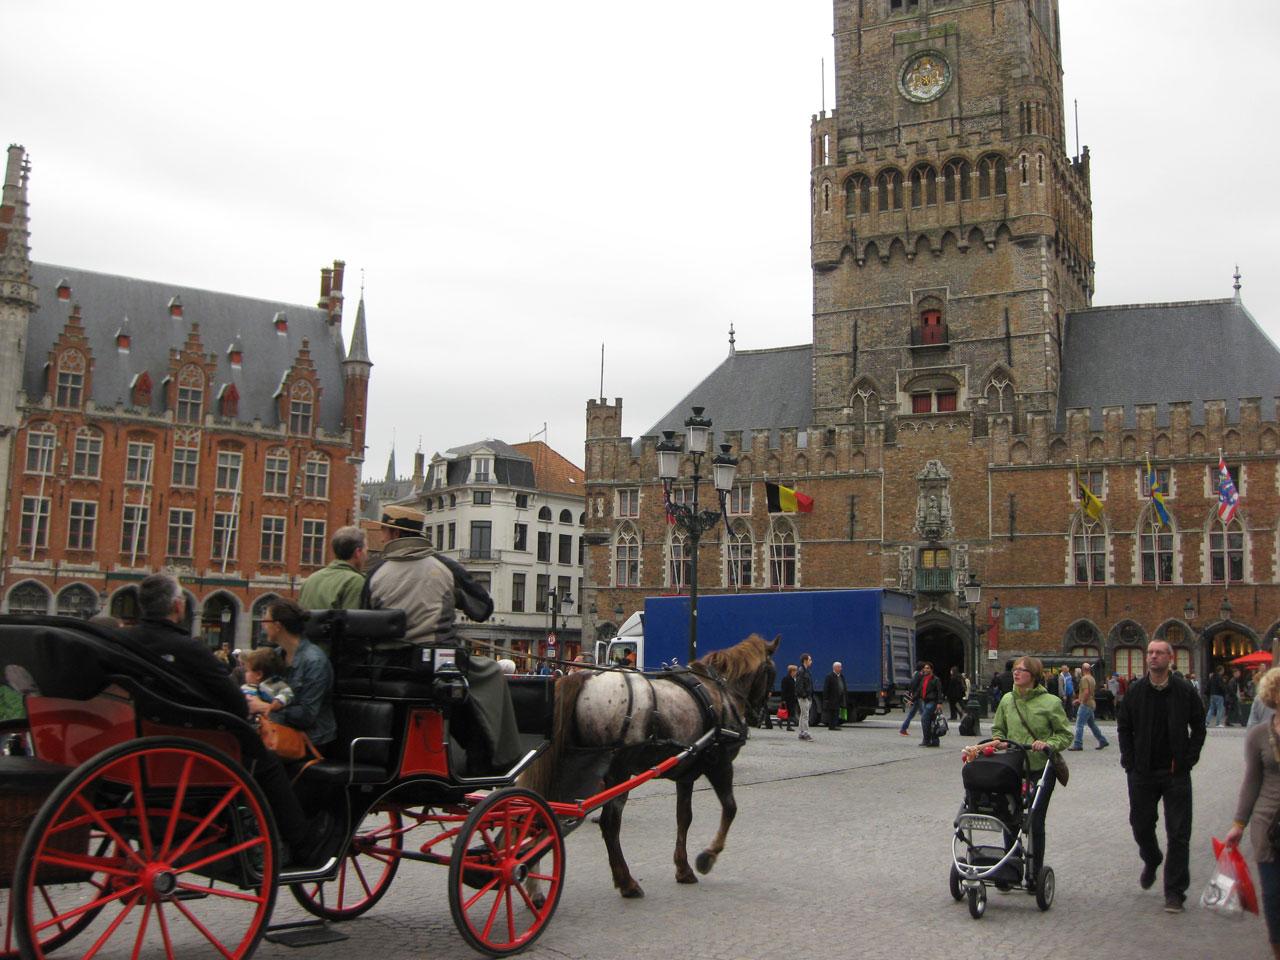 Markt square, Bruges, Belgium